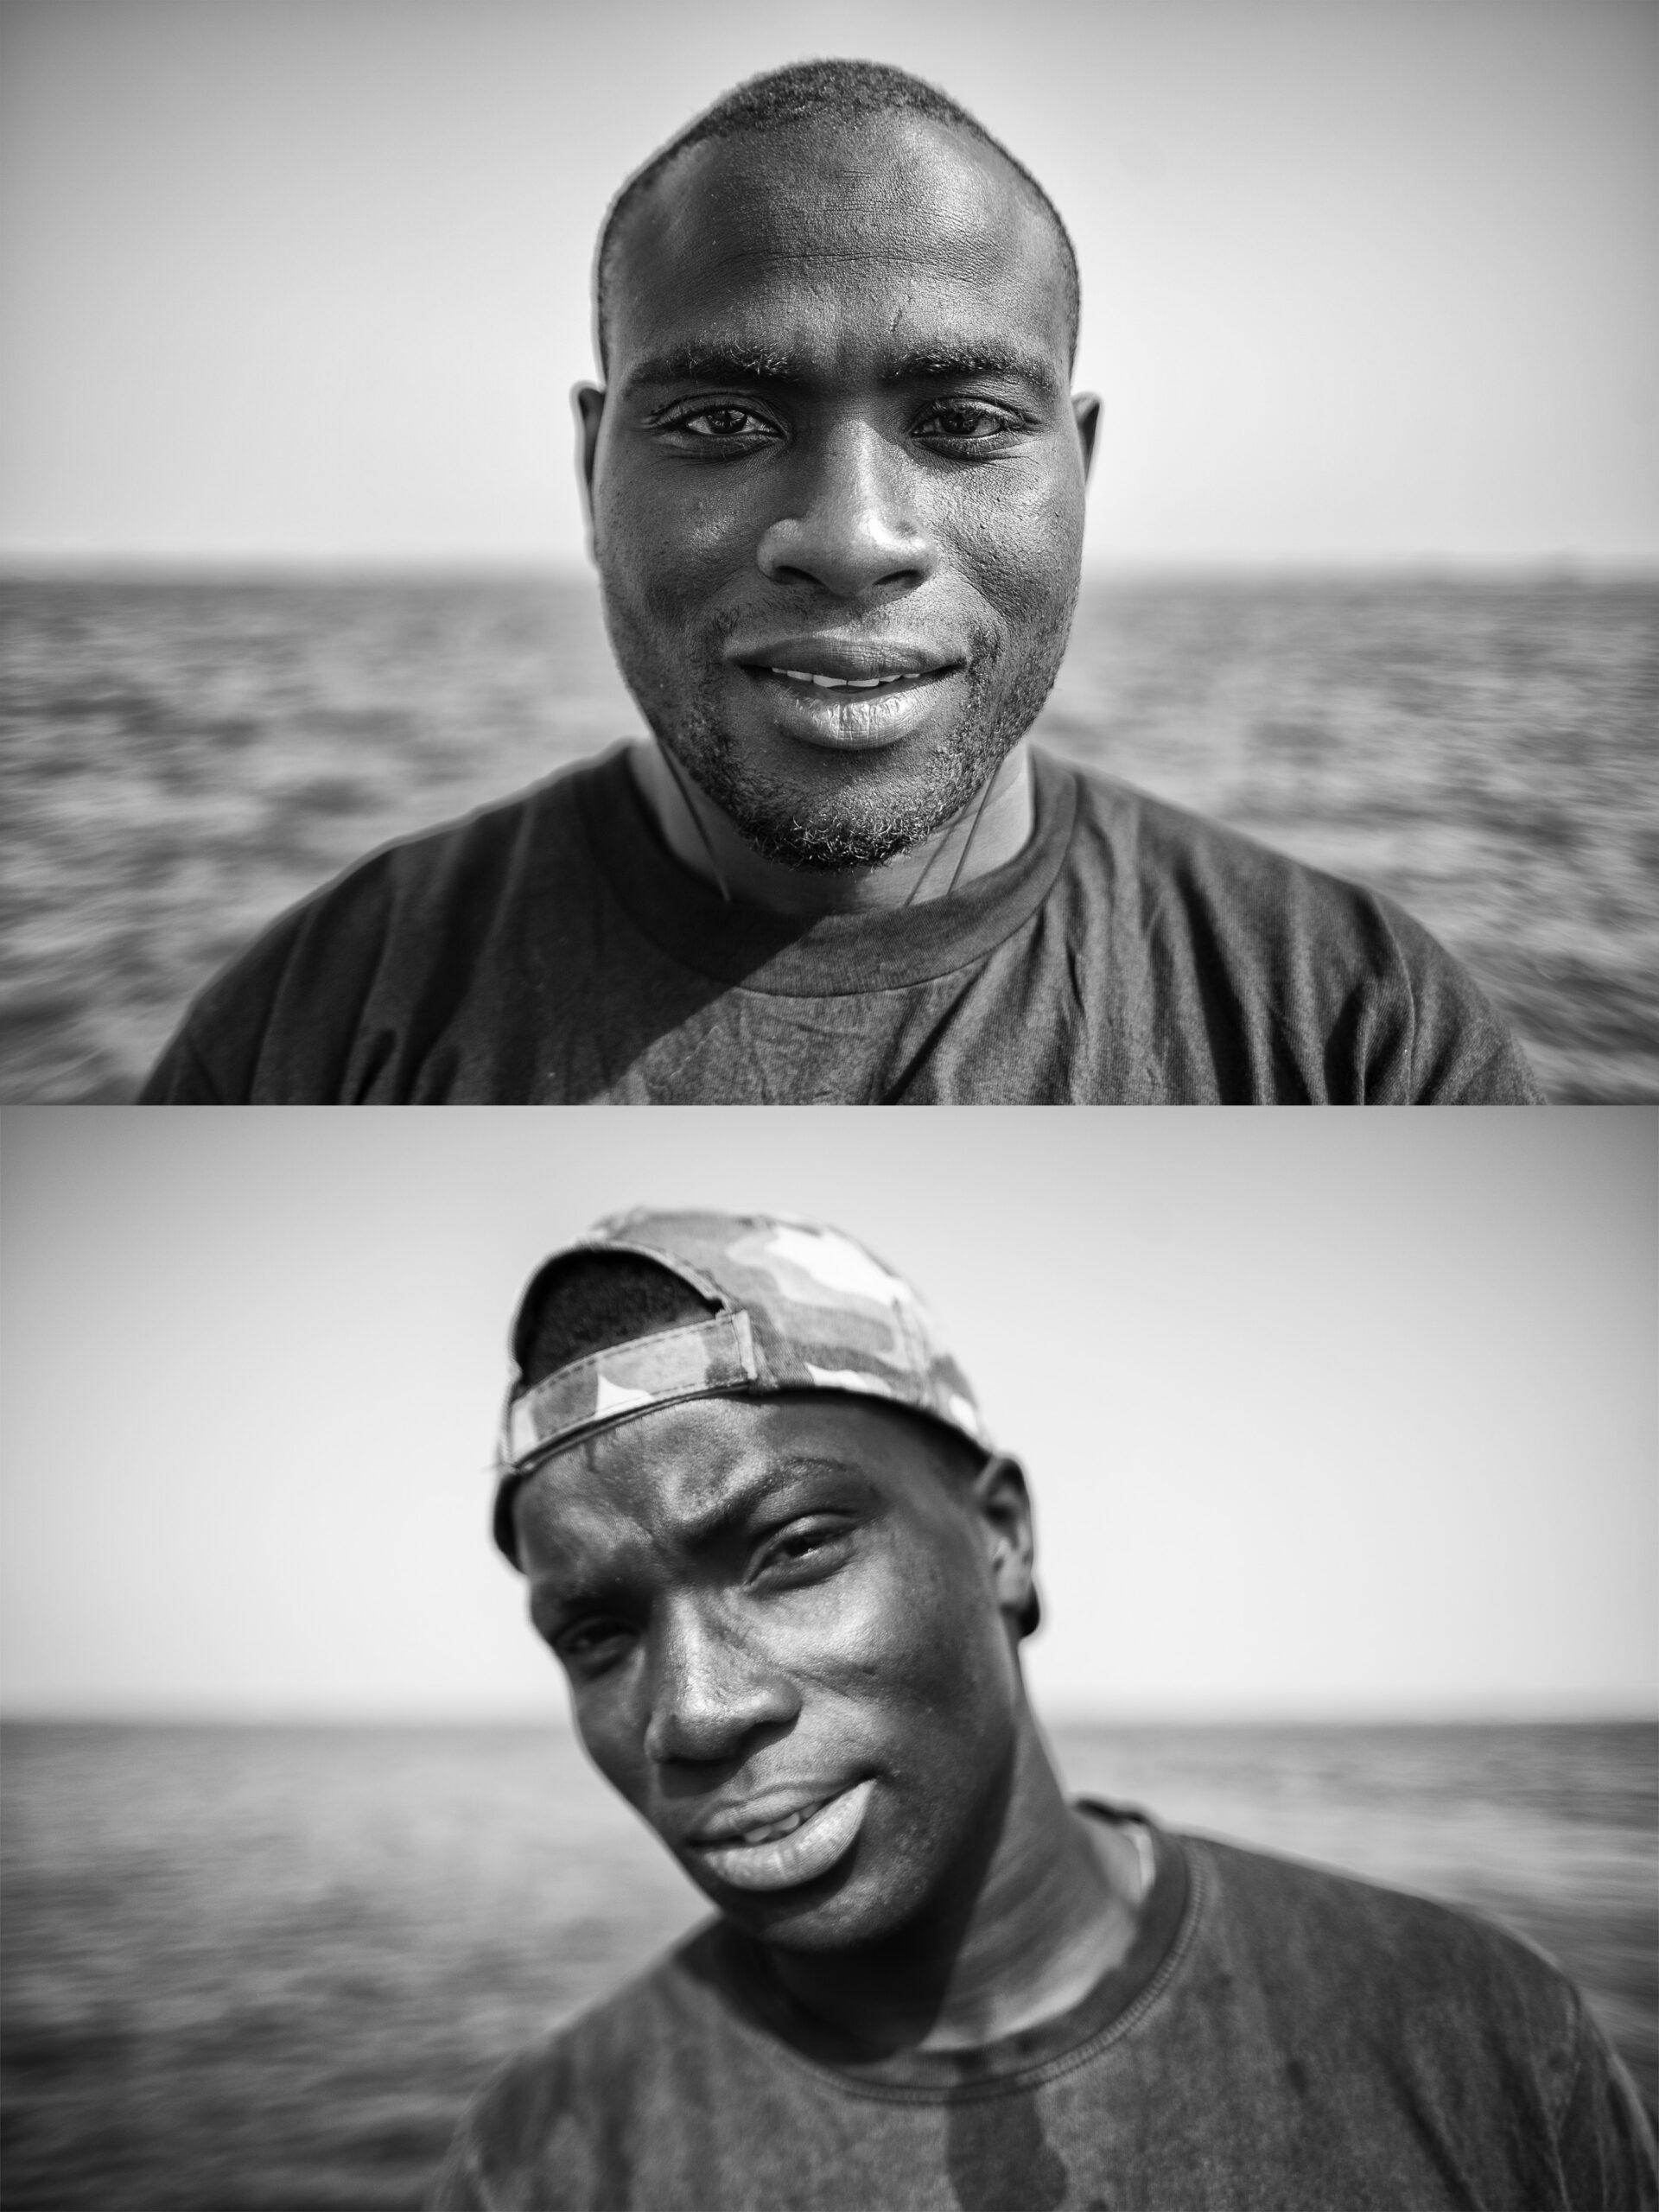 Primer Premio. Categoría: Mejor trabajo en el exterior (Serie). Retratos de dos marineros senegaleses pertenecientes a la tripulación de un atunero de bandera española con base en Dakar, Senegal. Según datos del gobierno Senegalés el 17% de su población activa trabaja en el sector pesquero. Nando Rivero